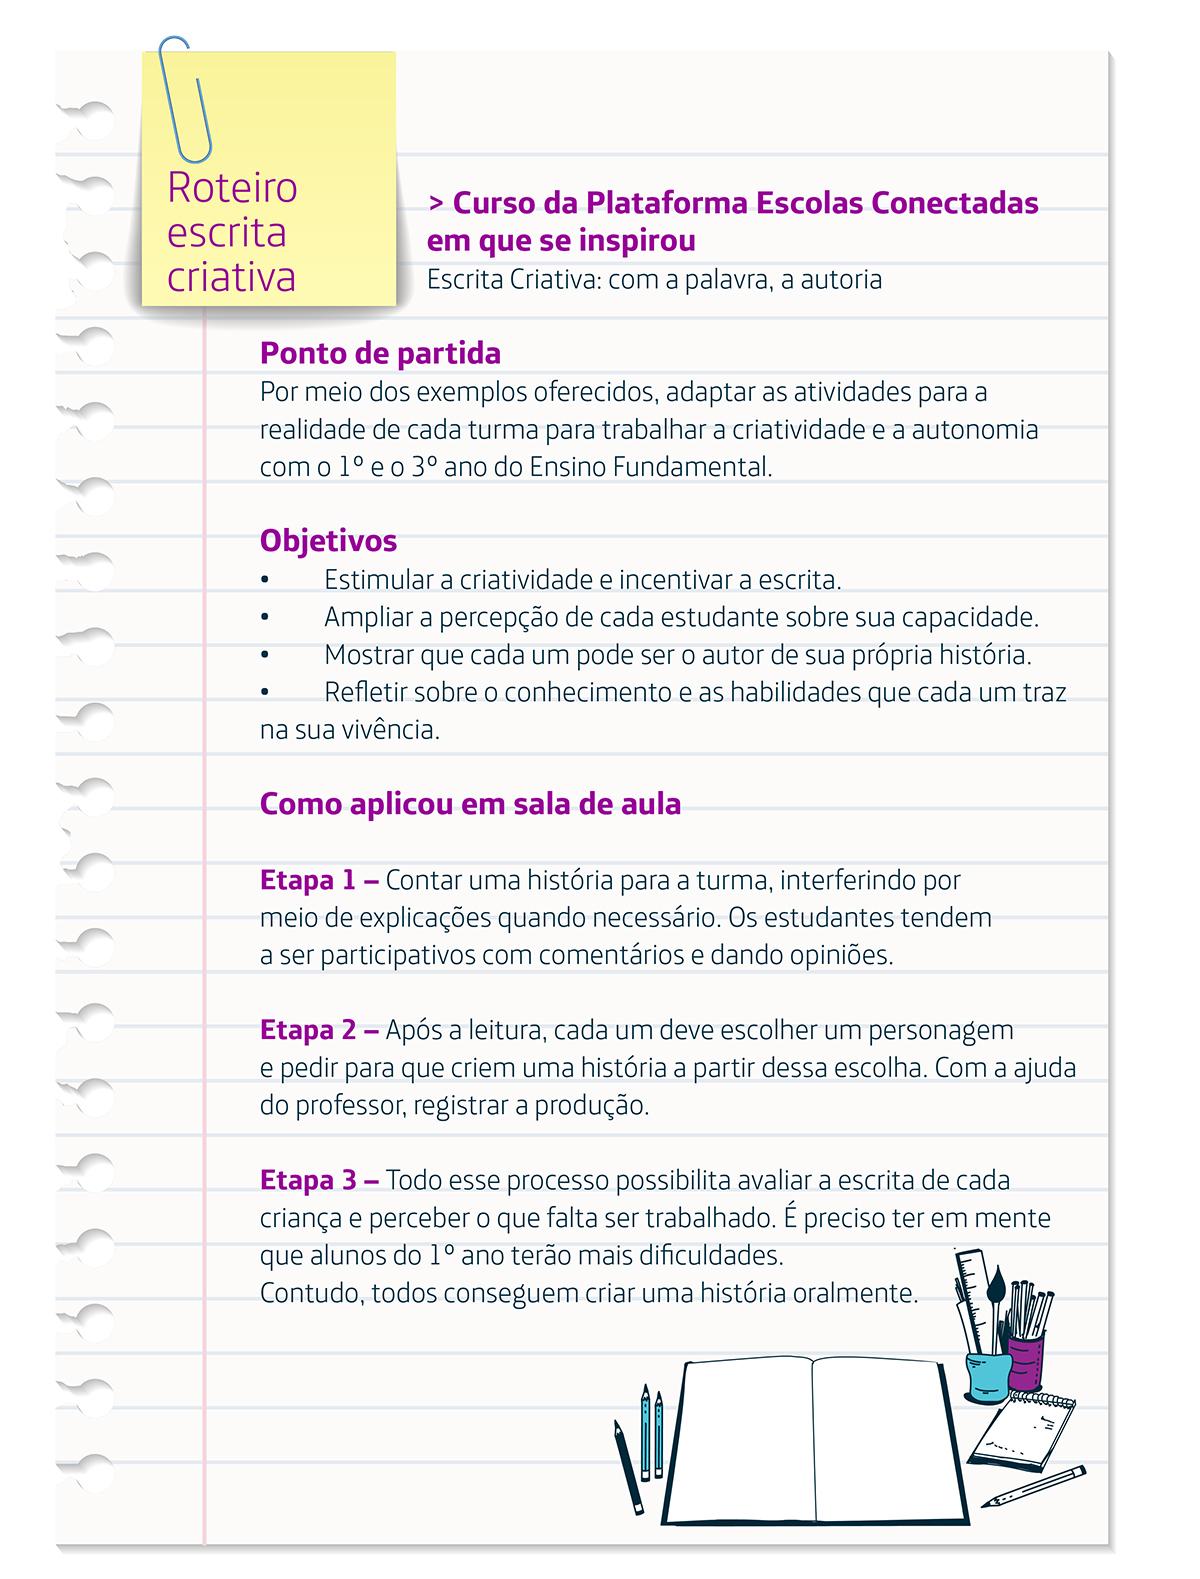 Infográfico mostra o roteiro de aula da professora sobre escrita criativa